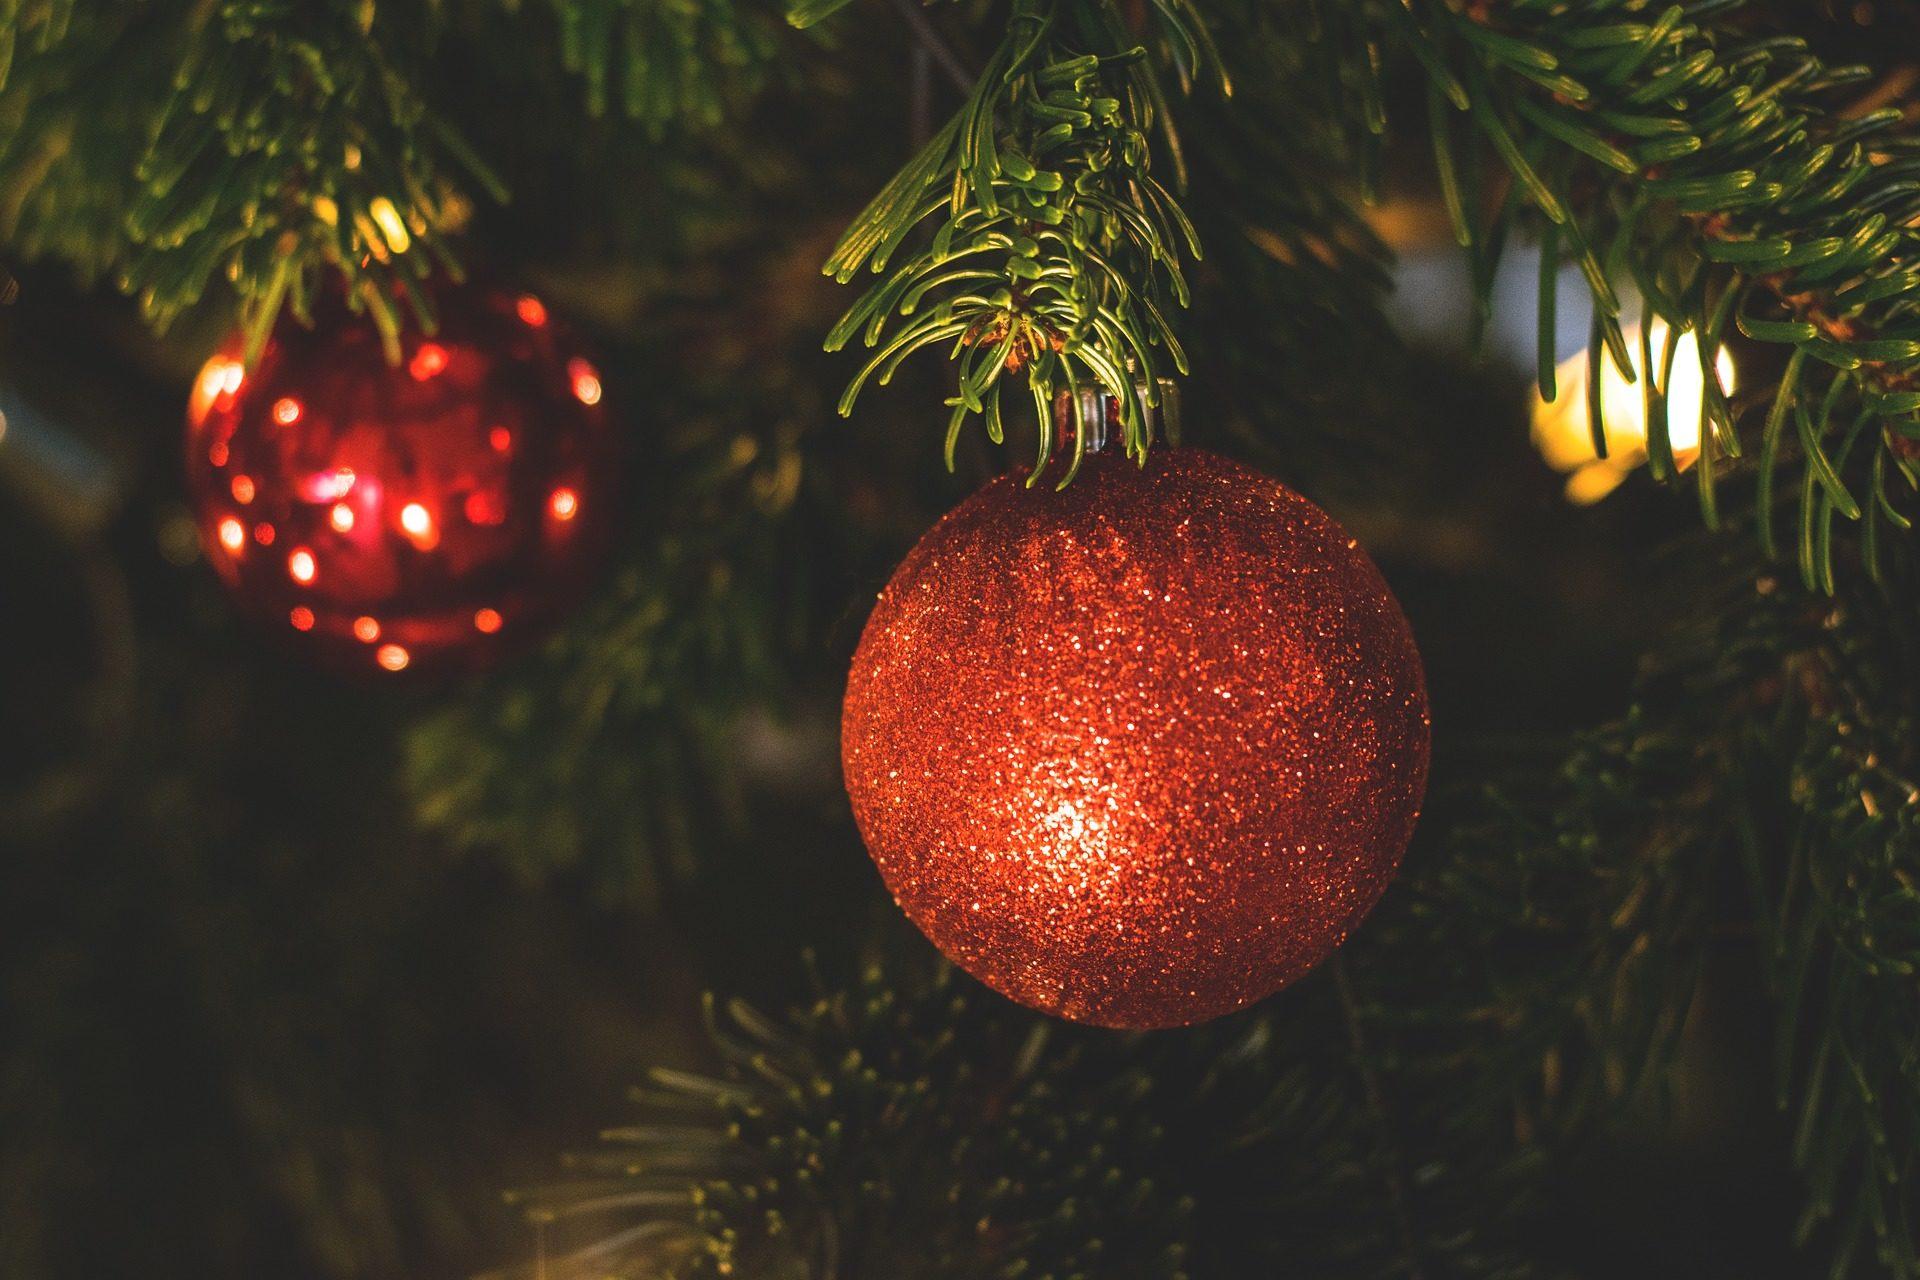 गेंदों, पेड़, प्राथमिकी, sheens, लाल, क्रिसमस - HD वॉलपेपर - प्रोफेसर-falken.com